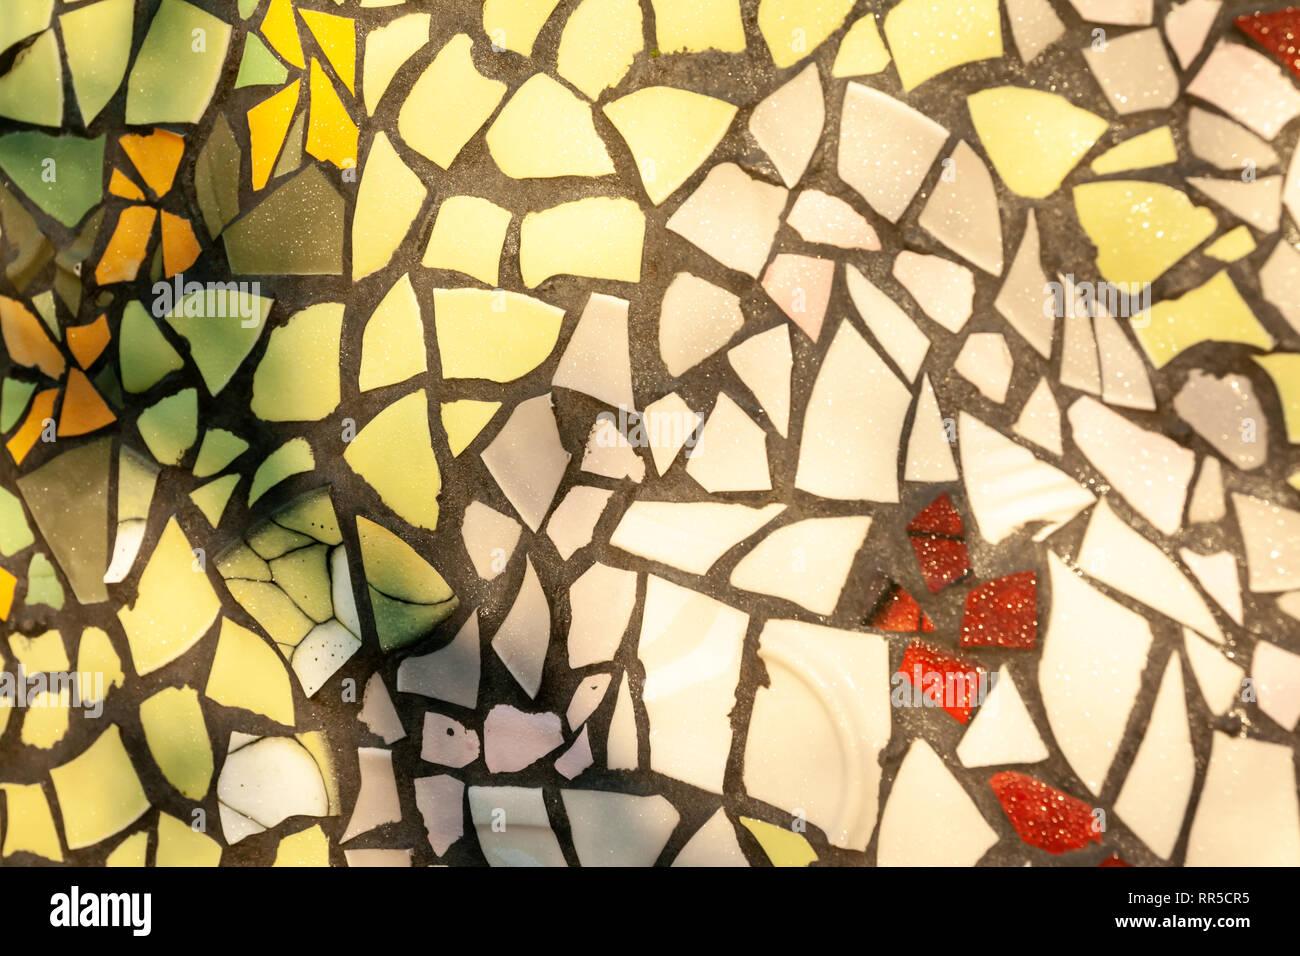 Hintergrund Der Nassen Mosaik Wand Dekorative Ornament Aus